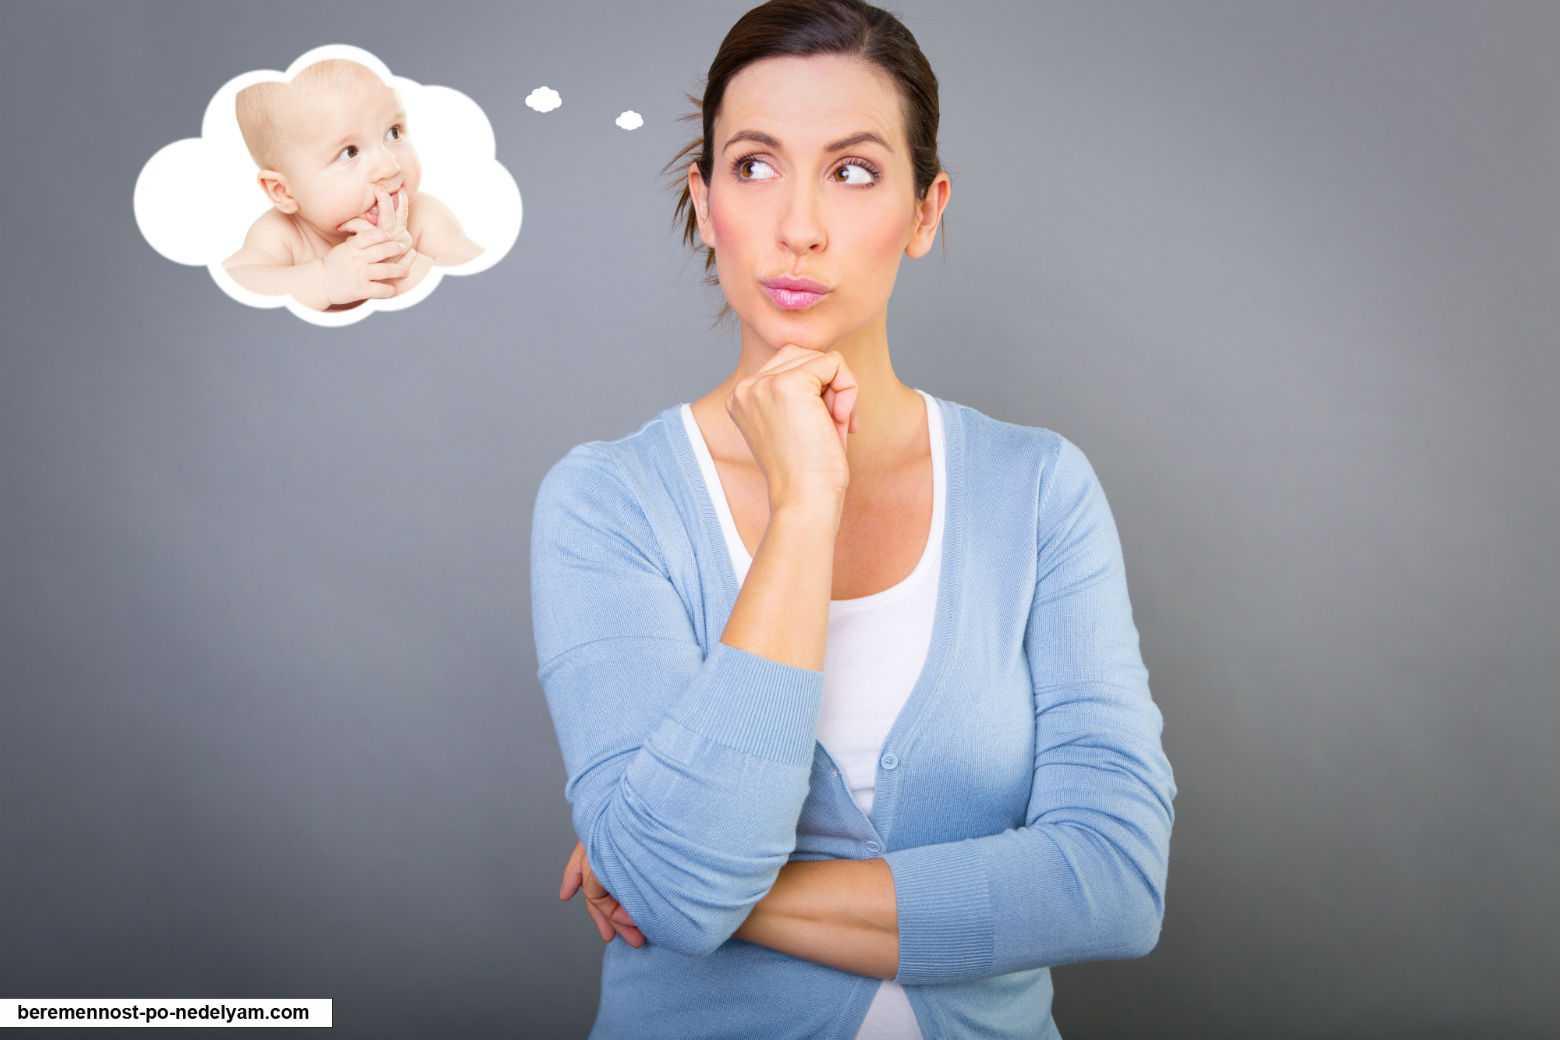 Беременность после 40 лет: рекомендации акушера-гинеколога елены березовской - mamawow